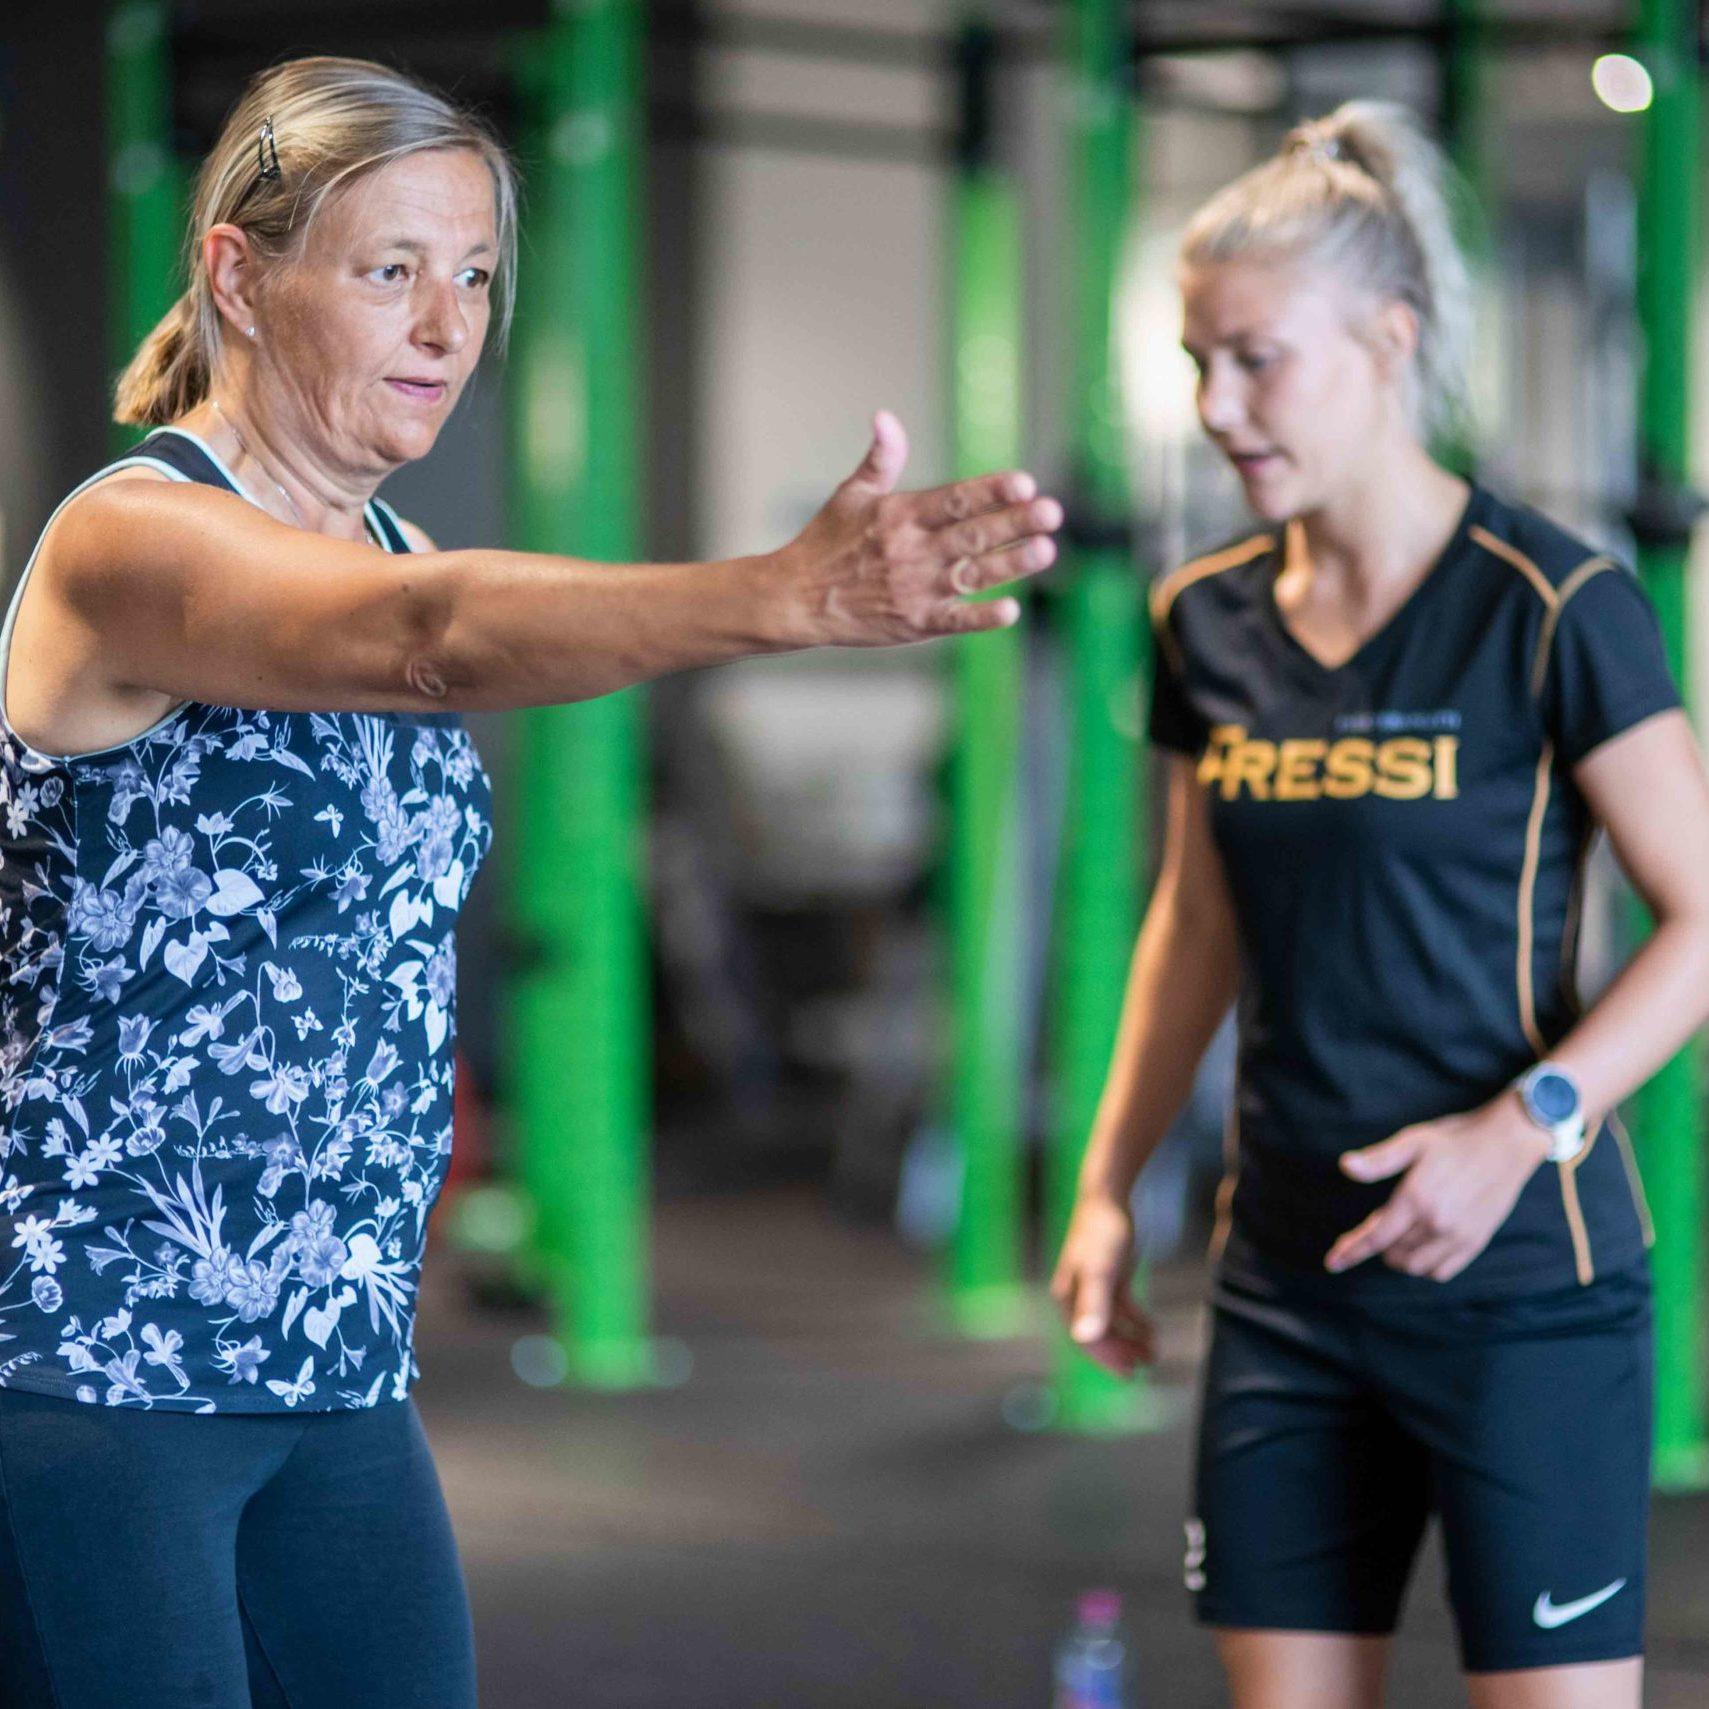 Fressi Trainer